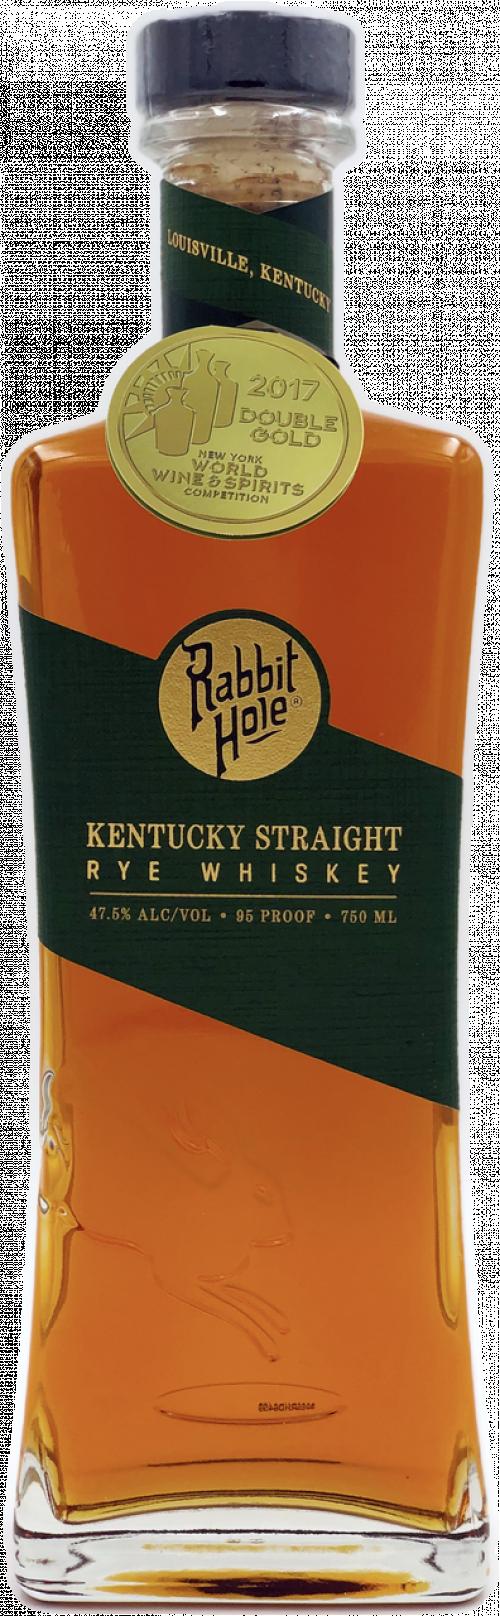 Rabbit Hole Boxergrail Straight Rye Whiskey 750Ml